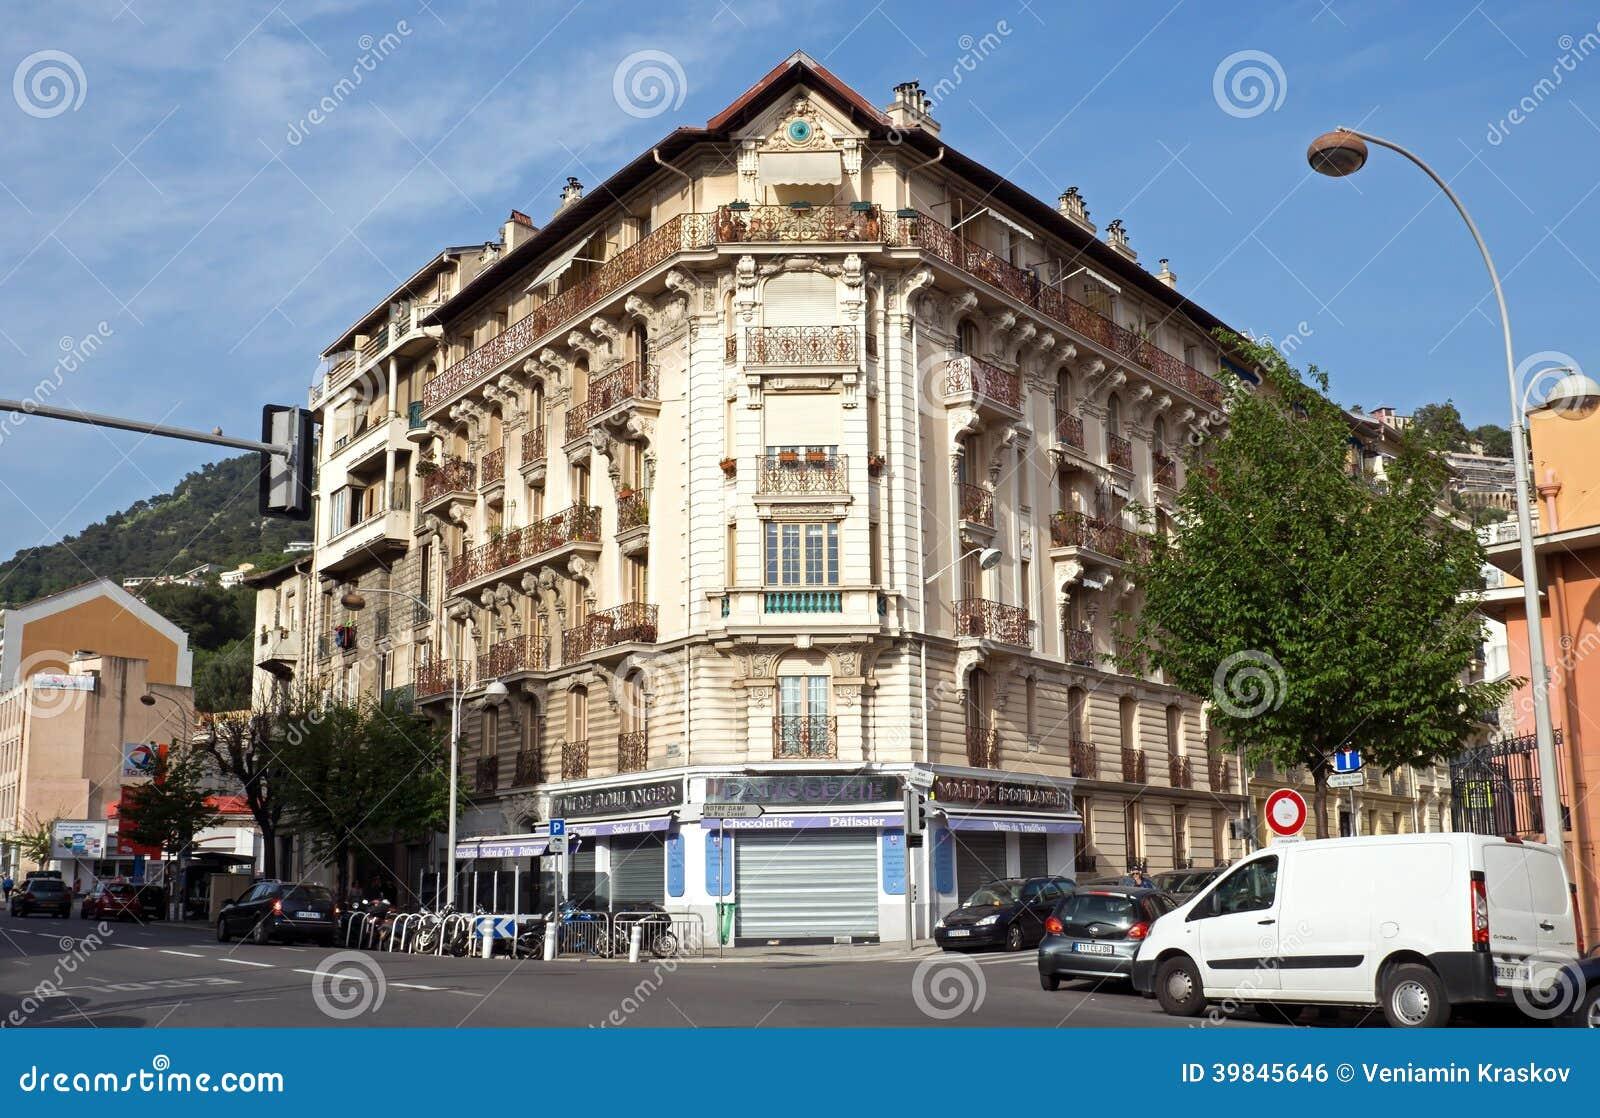 Le monaco architecture des b timents photo ditorial for Architecture des batiments